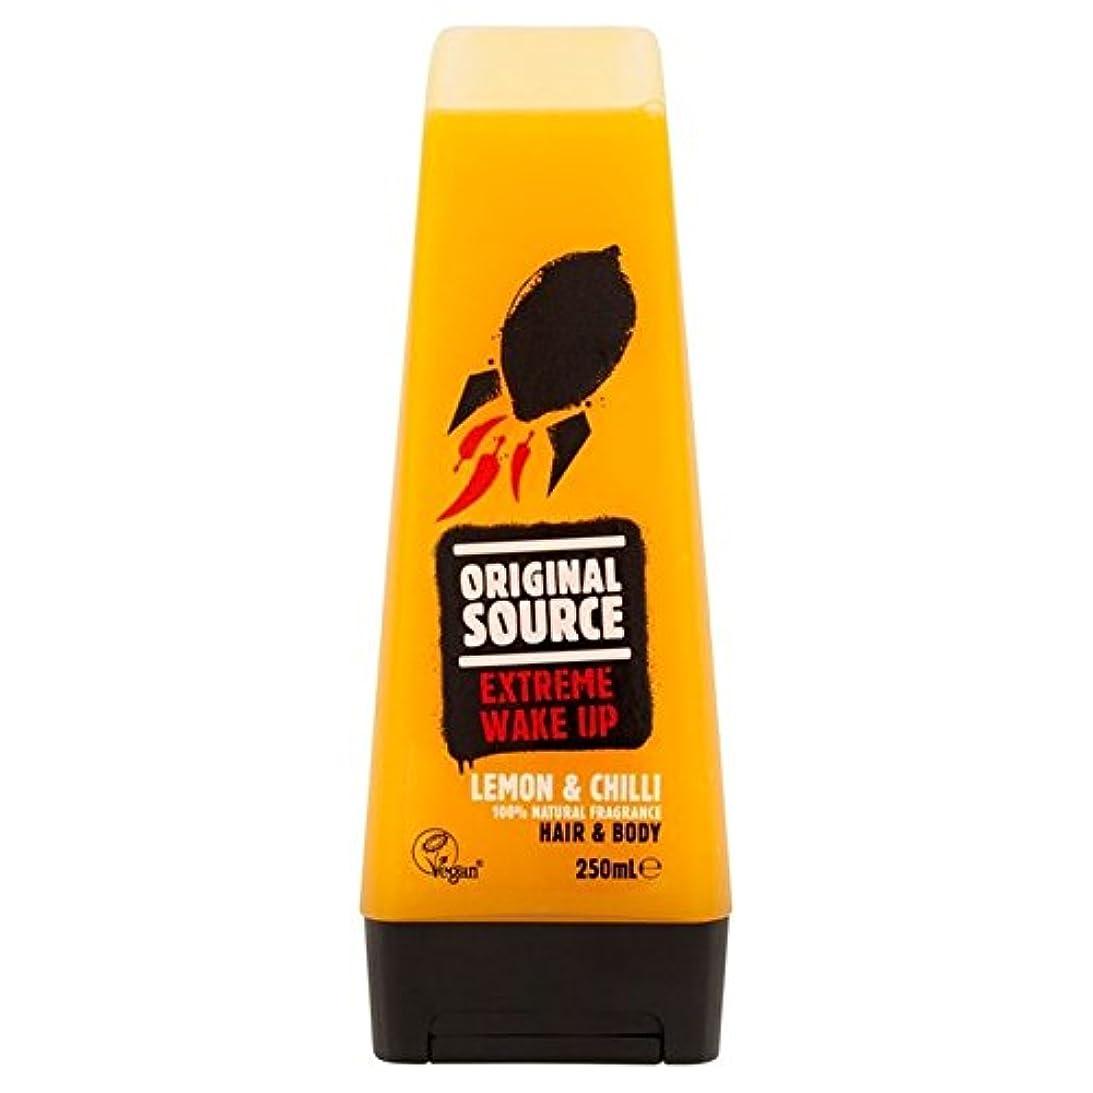 魔法意欲保守的元のソースは、レモン&チリヘア&ボディシャワージェル250ミリリットルメンズ x4 - Original Source Mens Lemon & Chilli Hair & Body Shower Gel 250ml (Pack of 4) [並行輸入品]